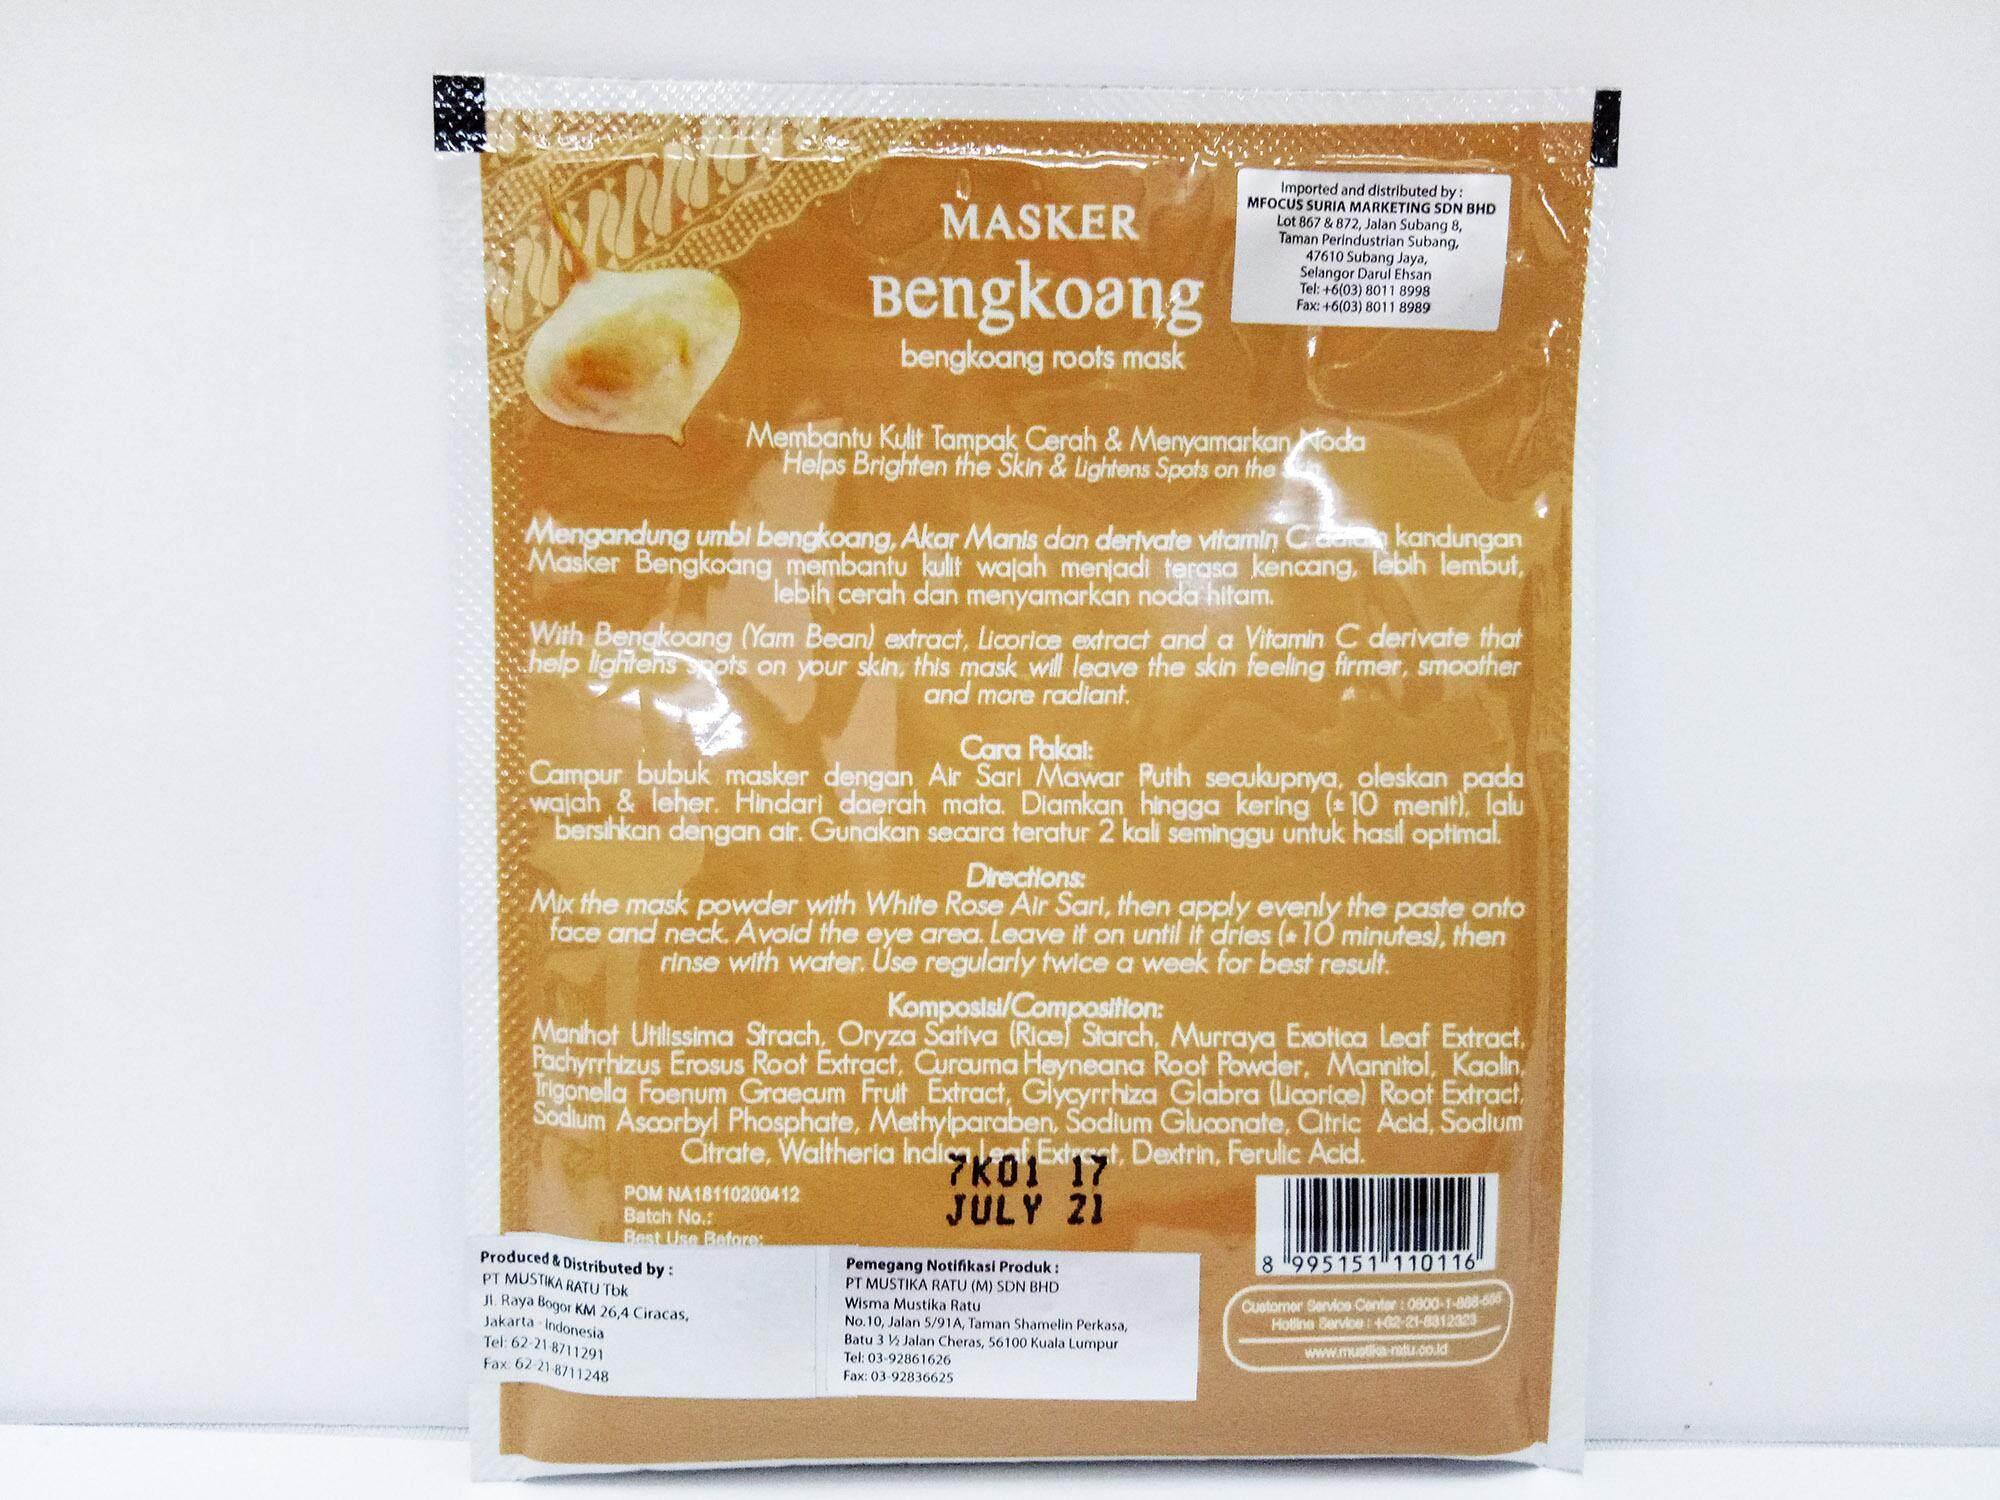 Fitur Cream Walet Super Bengkoang Dan Harga Terbaru Info Mustika Ratu Complete Whitening Series Detail Gambar Masker 15gm